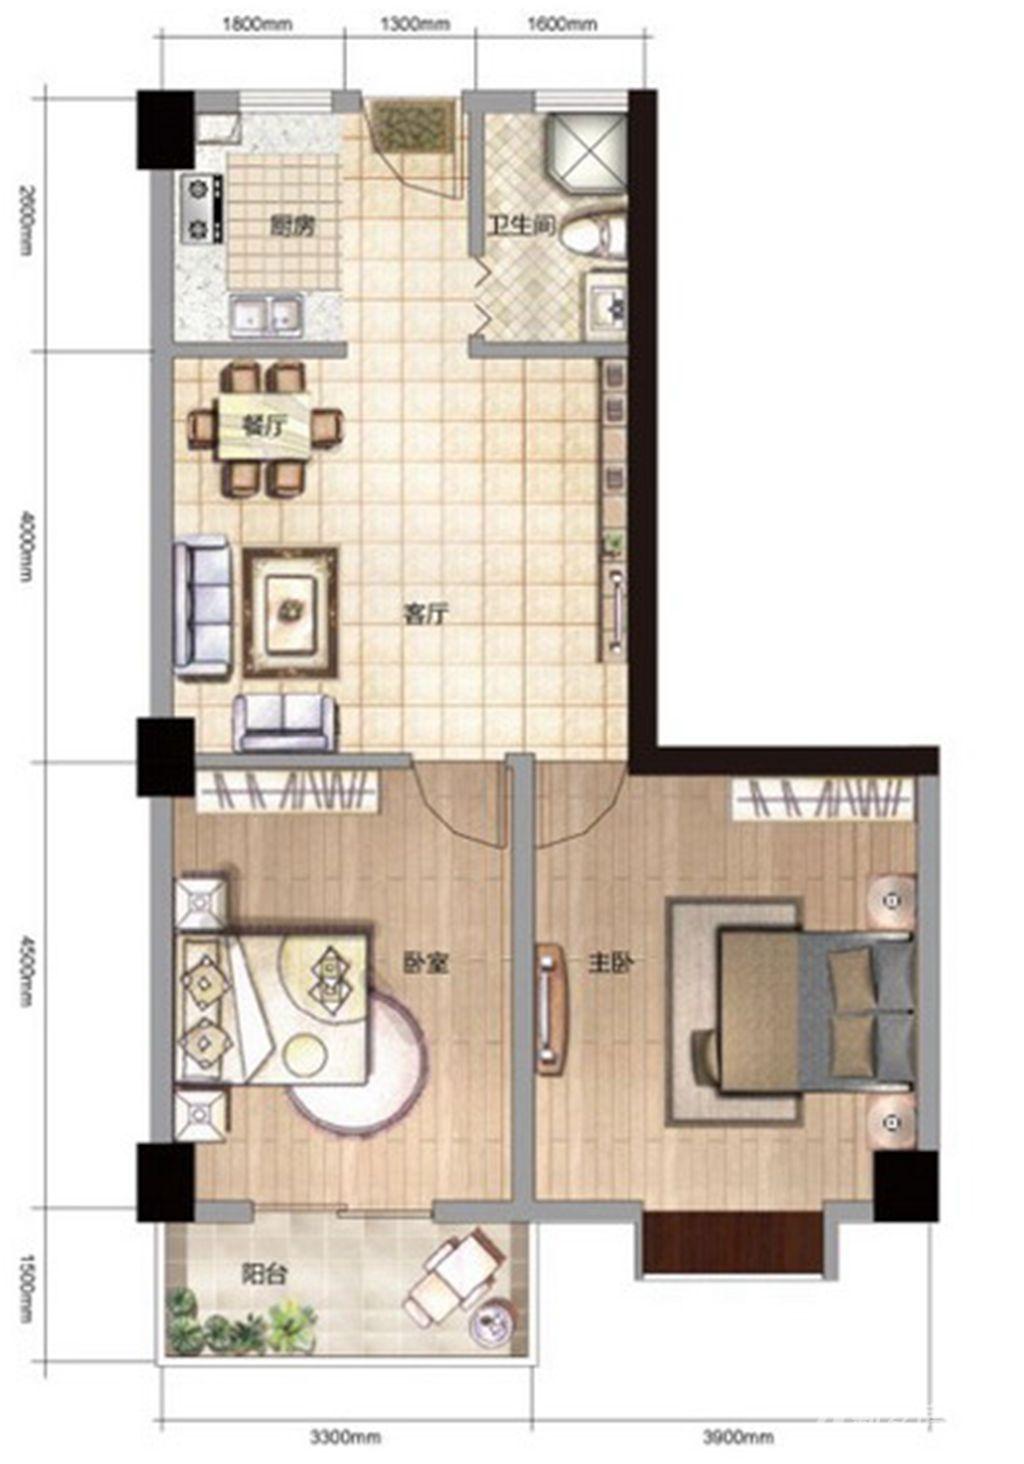 雨山银河湾S3户型 2室2厅1卫2室2厅93平米